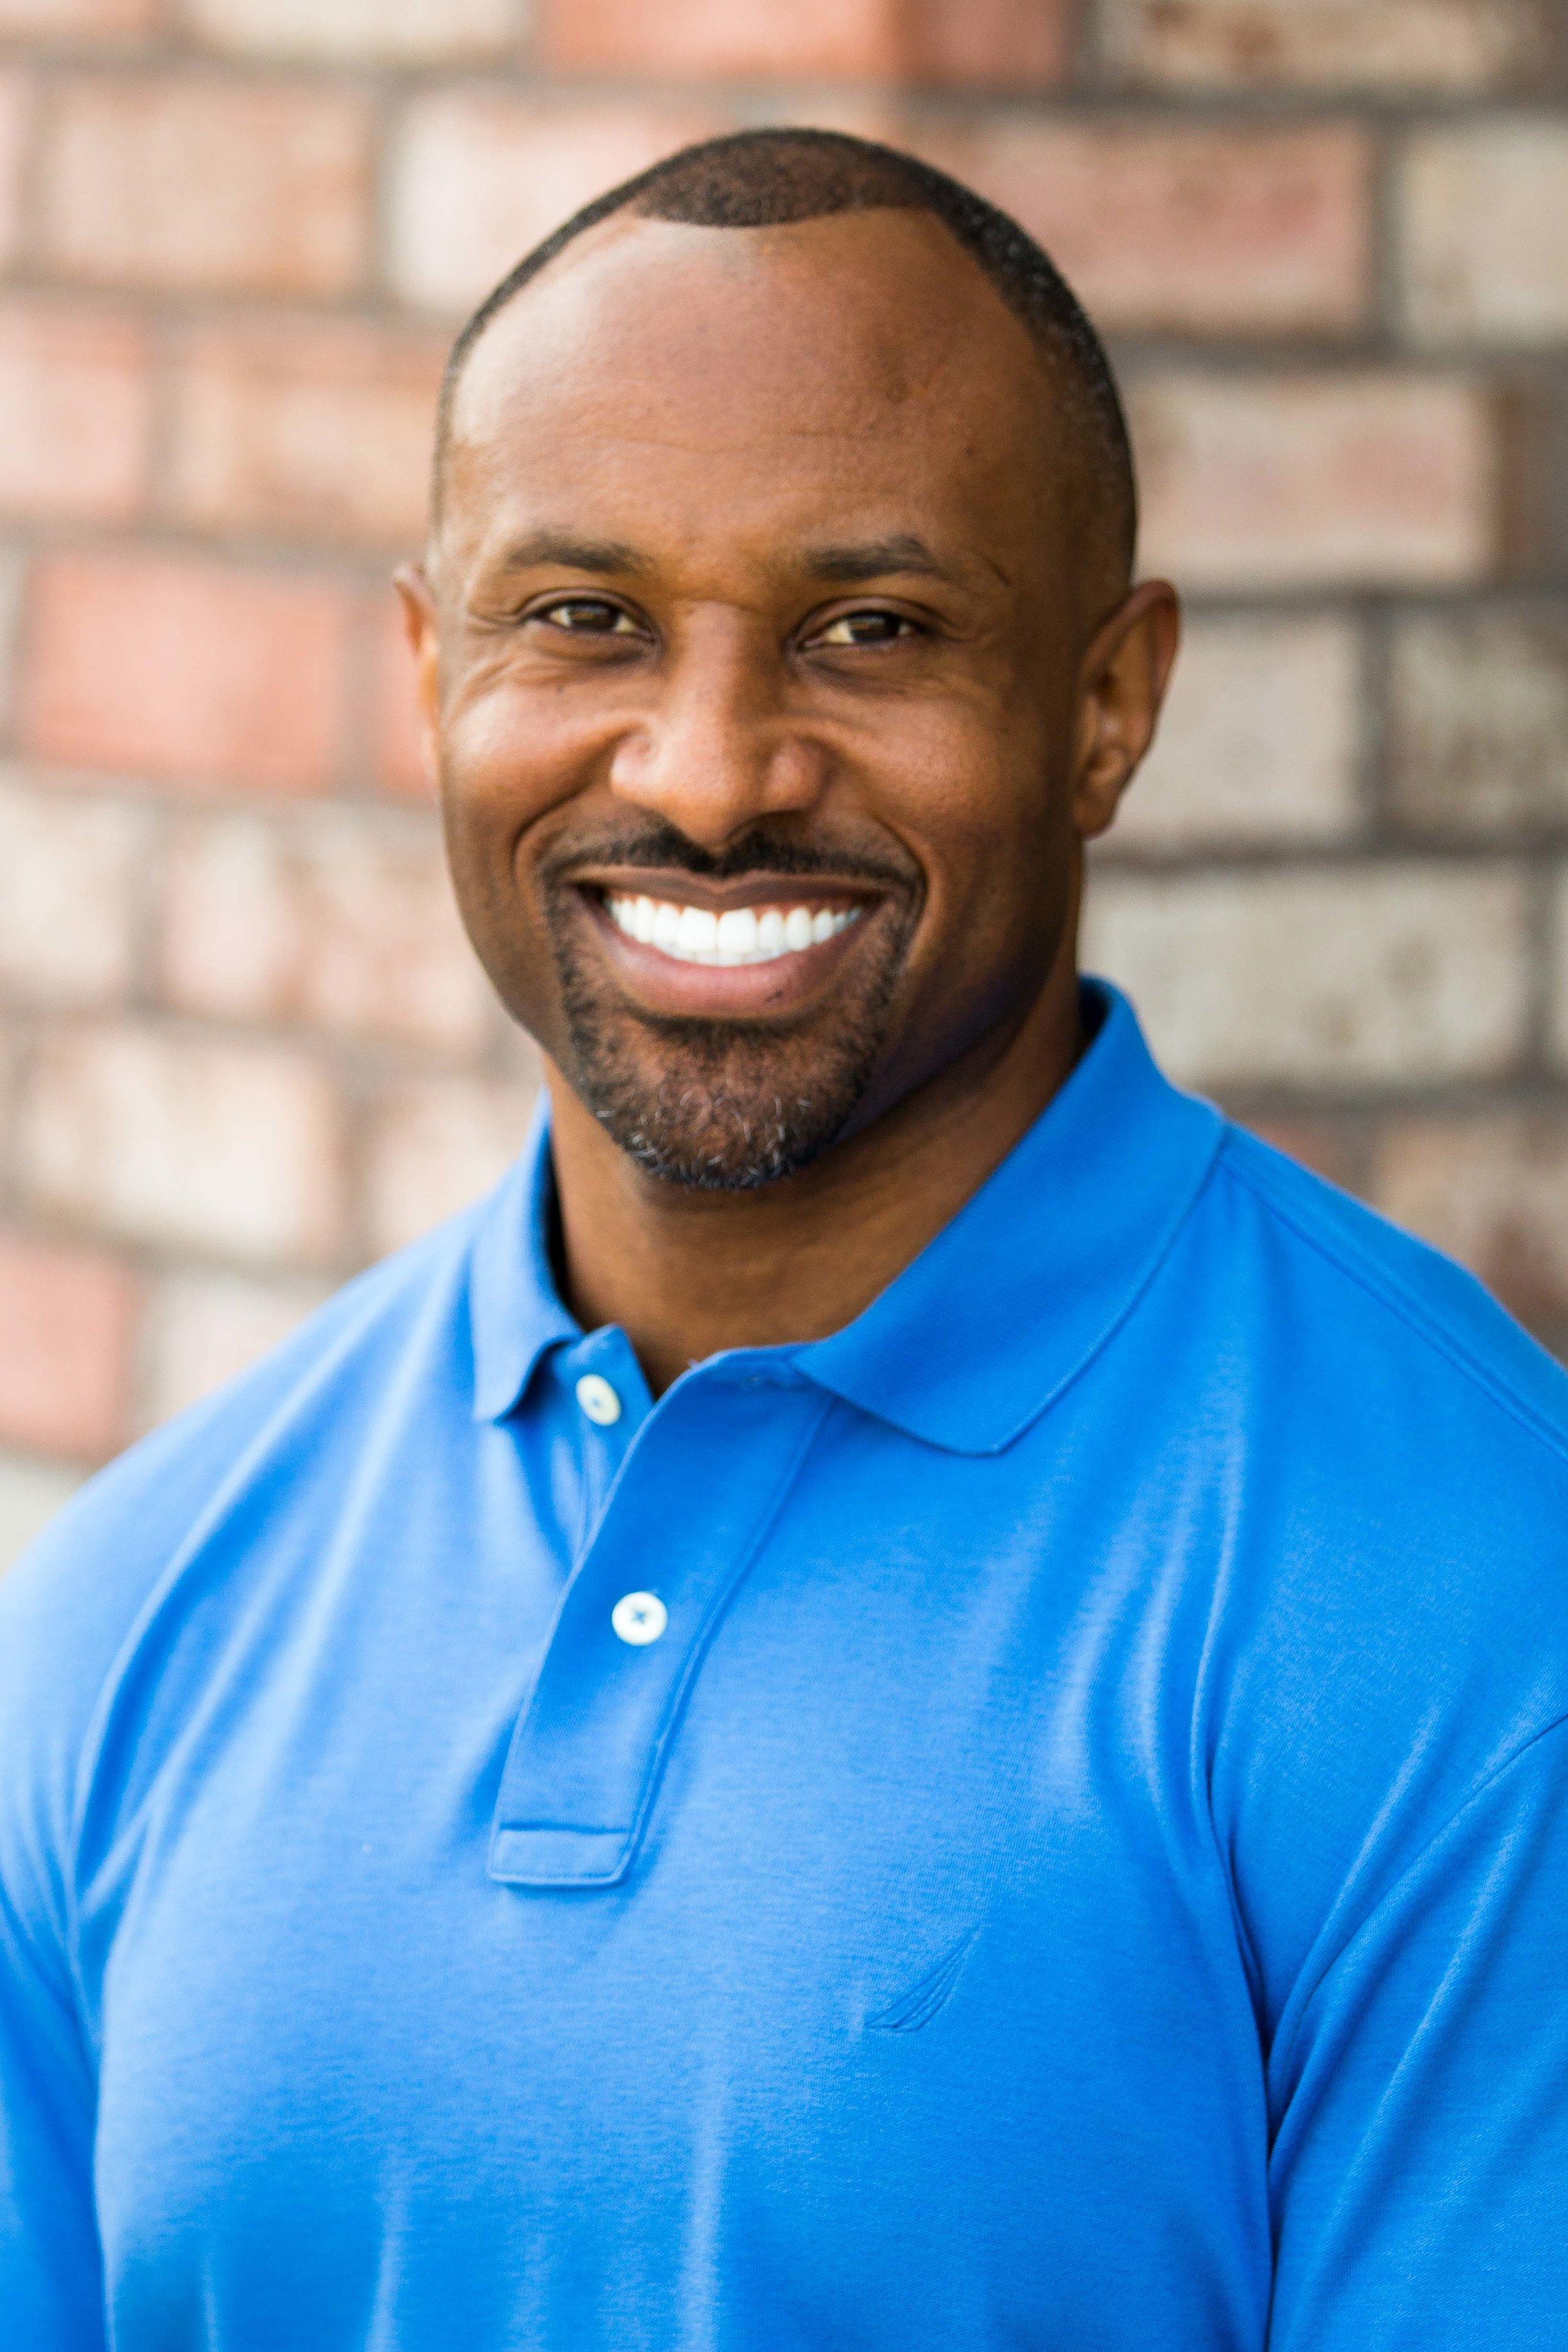 Fredrick Macklin - Associate Minister